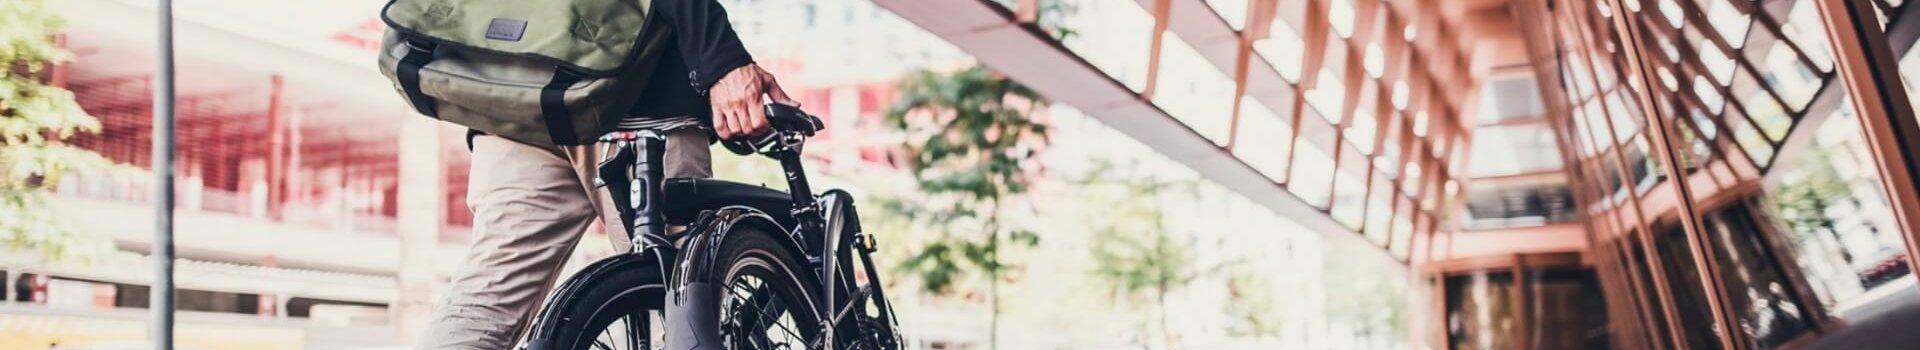 Jakie korzyści zapewniają składane rowery elektryczne?